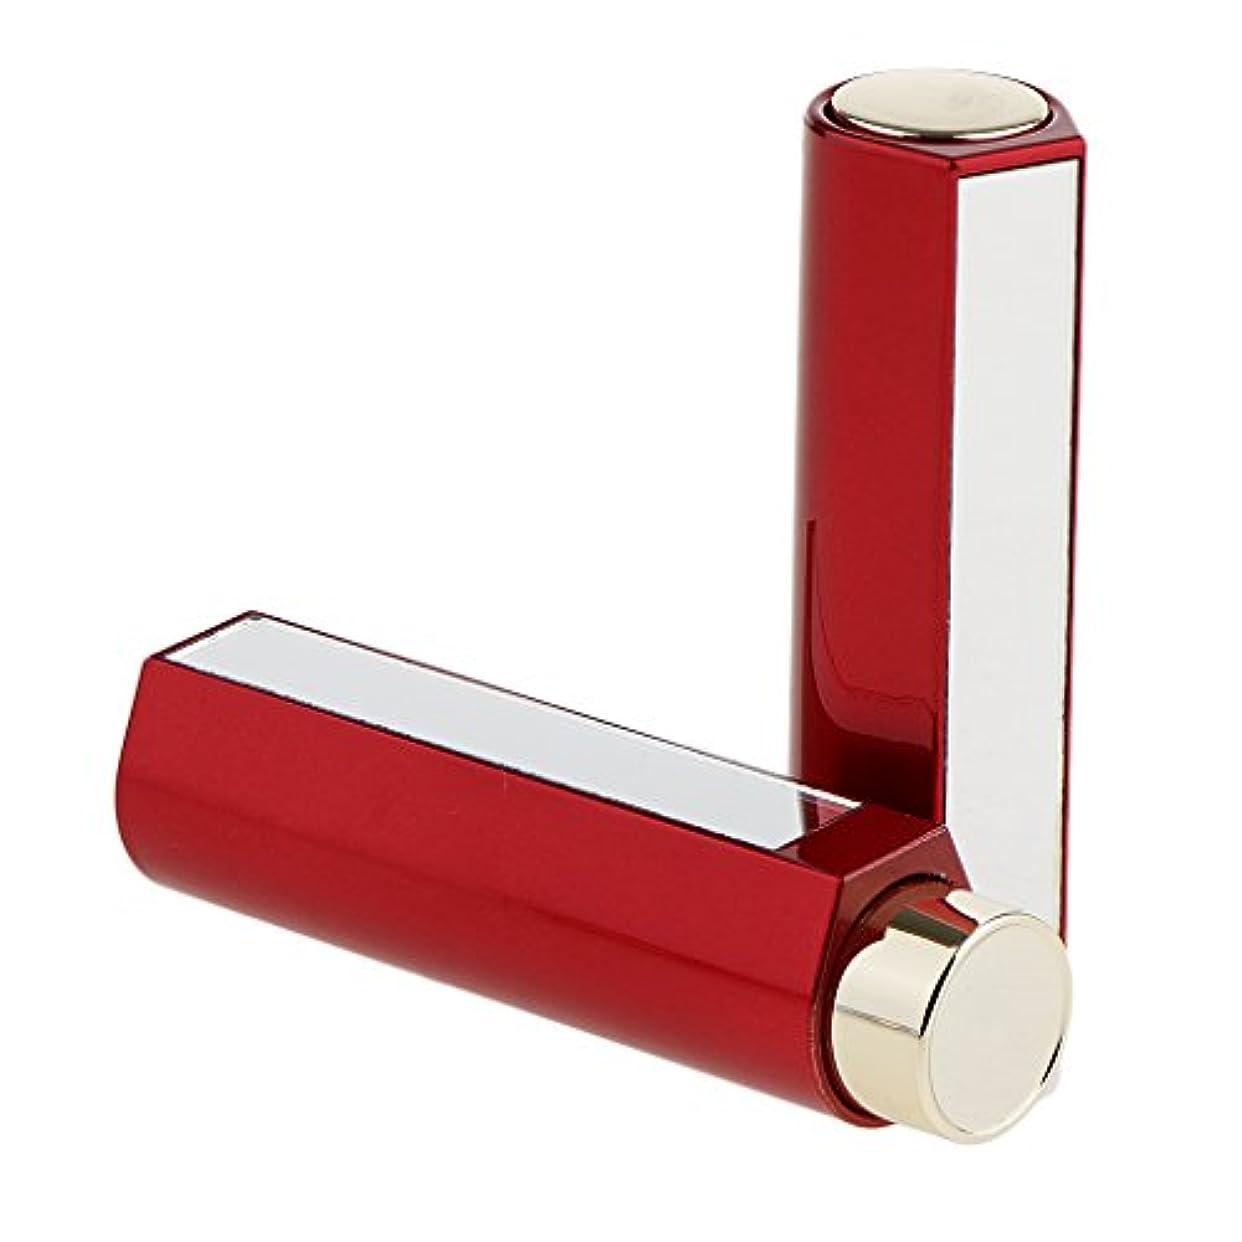 チラチラするドラフト立法Kesoto 2本 空チューブ コスメ用詰替え容器 リップスティック 口紅チューブ 12.1MM口紅チューブ用 リップクリーム DIY メイクアップ 2色選べる - 赤